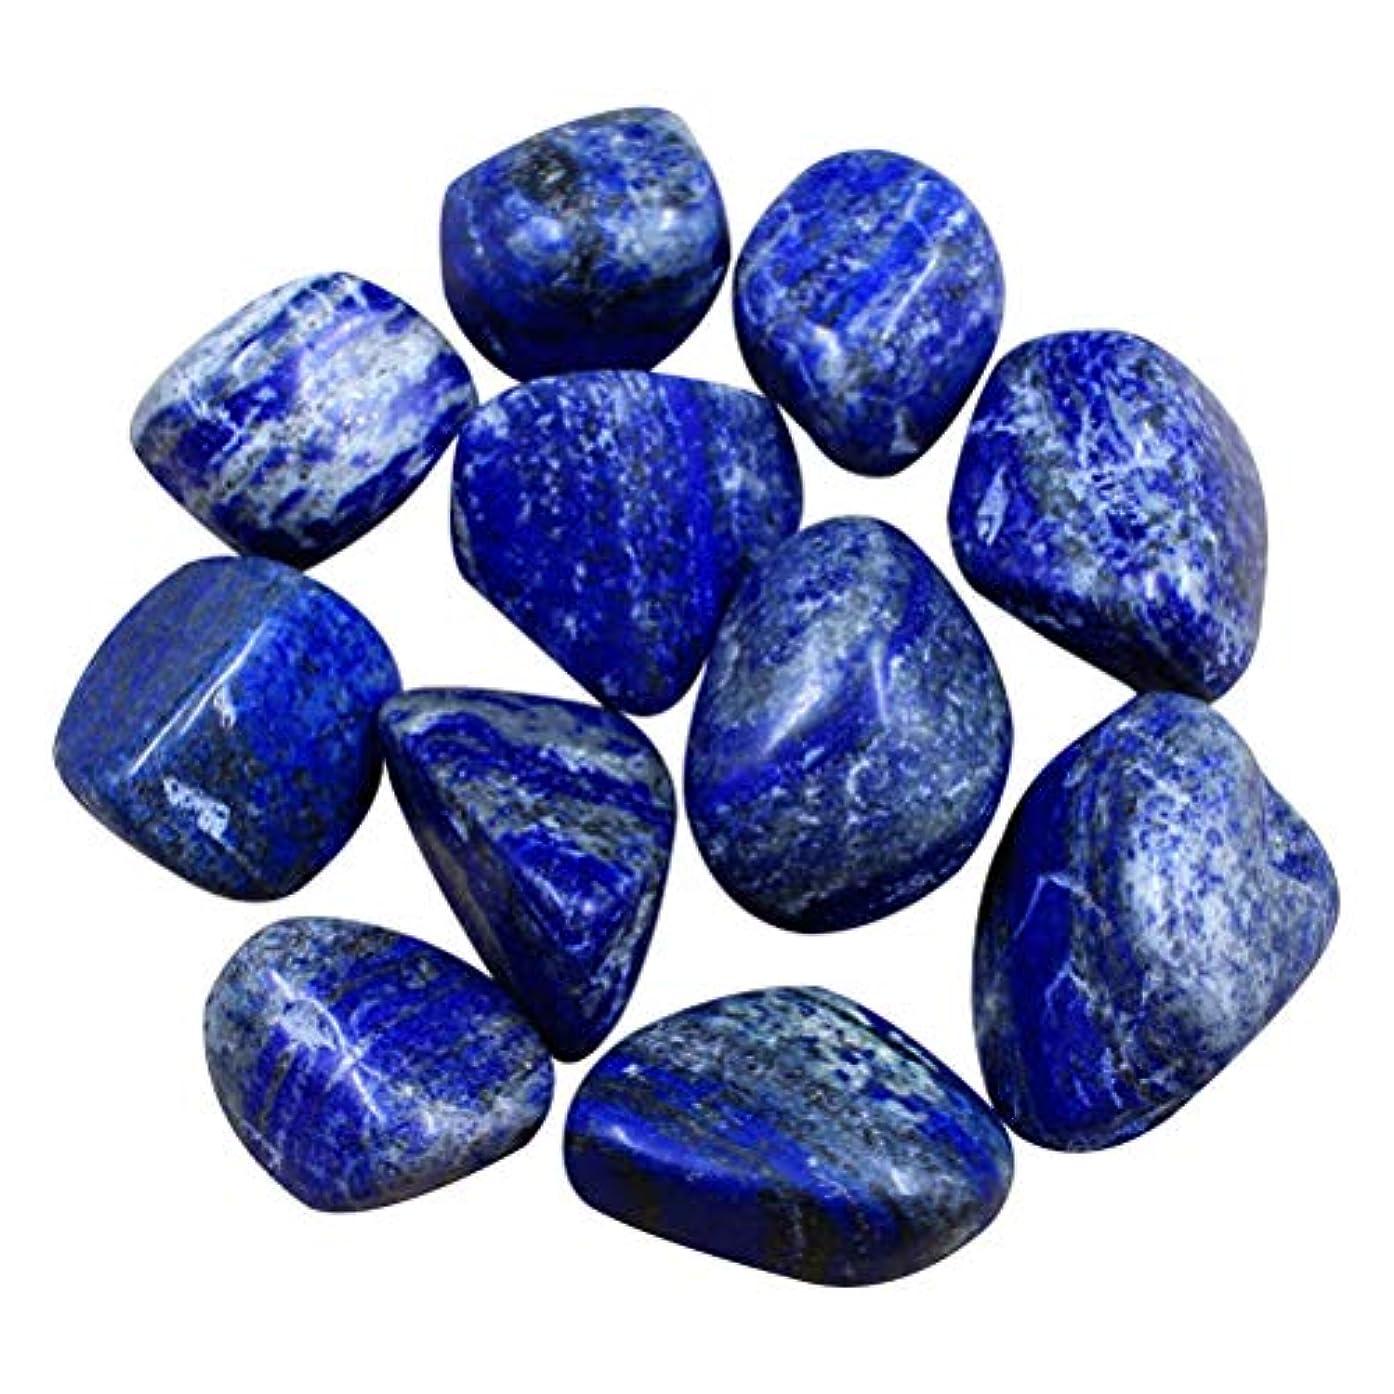 レースペルメル増幅器SUPVOX 10個の天然石石落ち石の癒しReikiクリスタルジュエリー自然の岩ホームデコレーション花瓶植物を作る